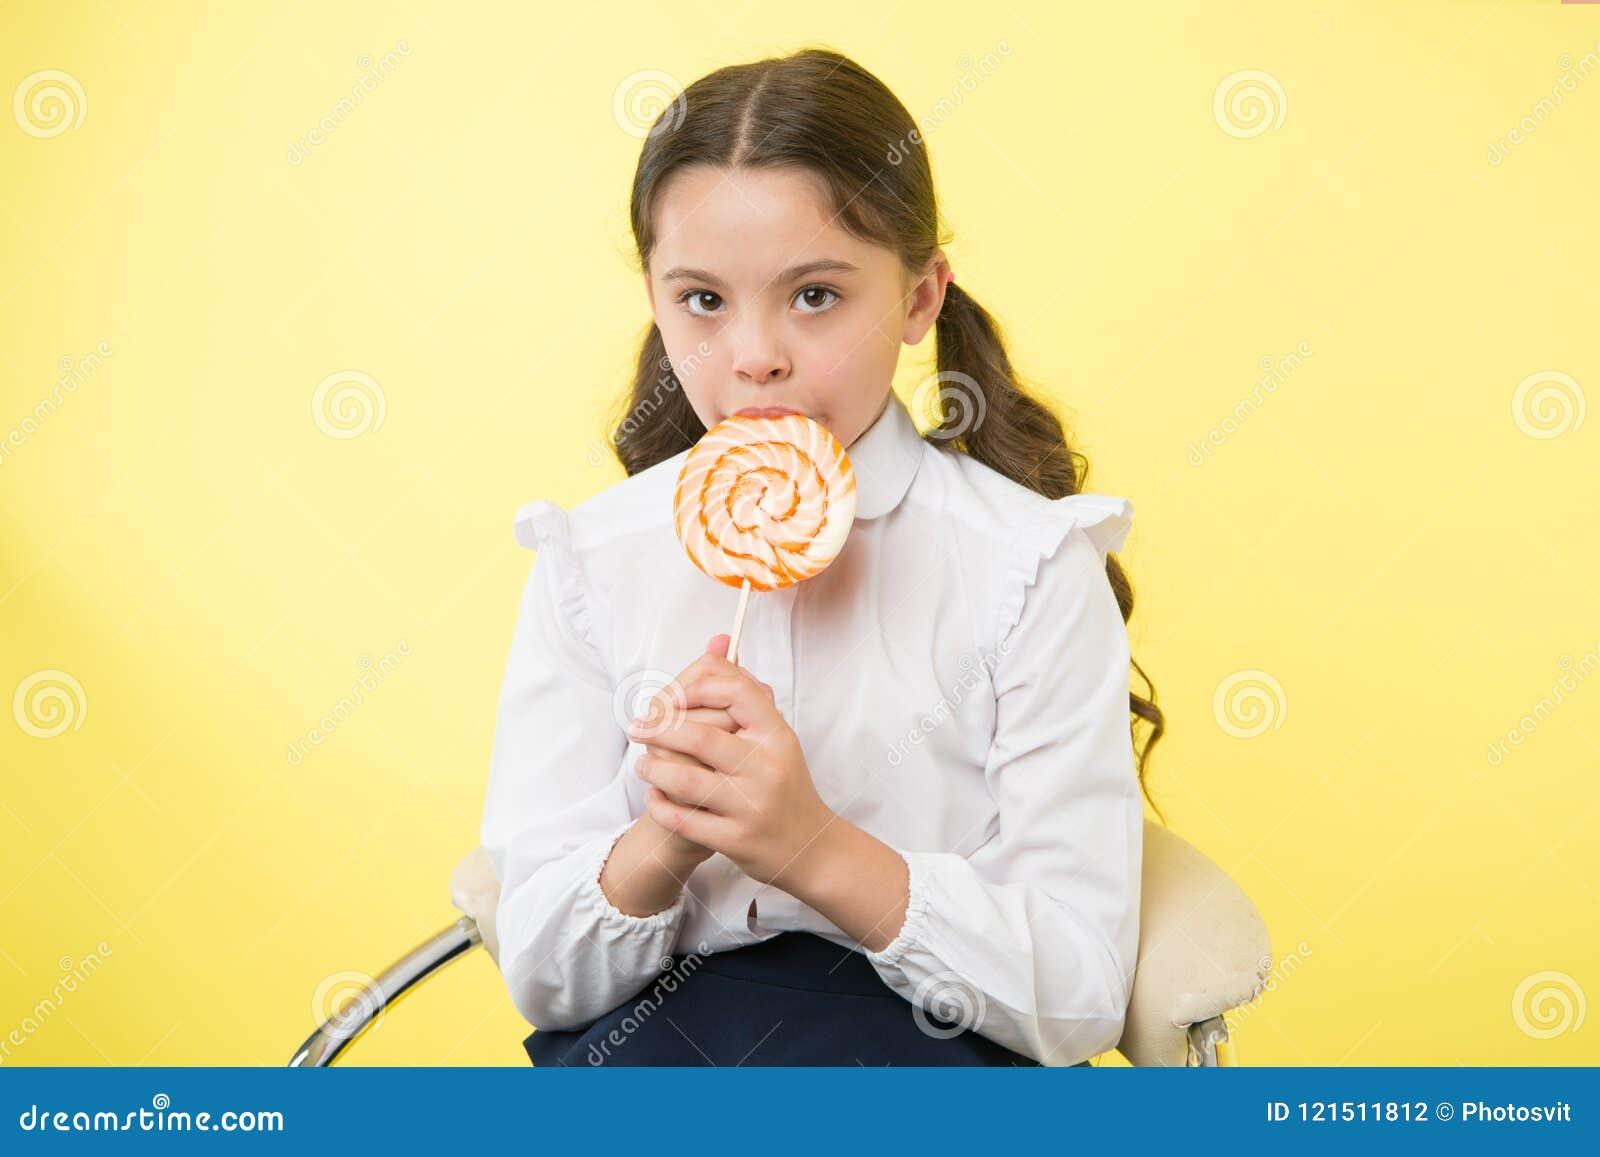 еда здоровая Здоровая есть и dieting концепция девушка не любит здоровая еда здоровая еда маленькой девочки с